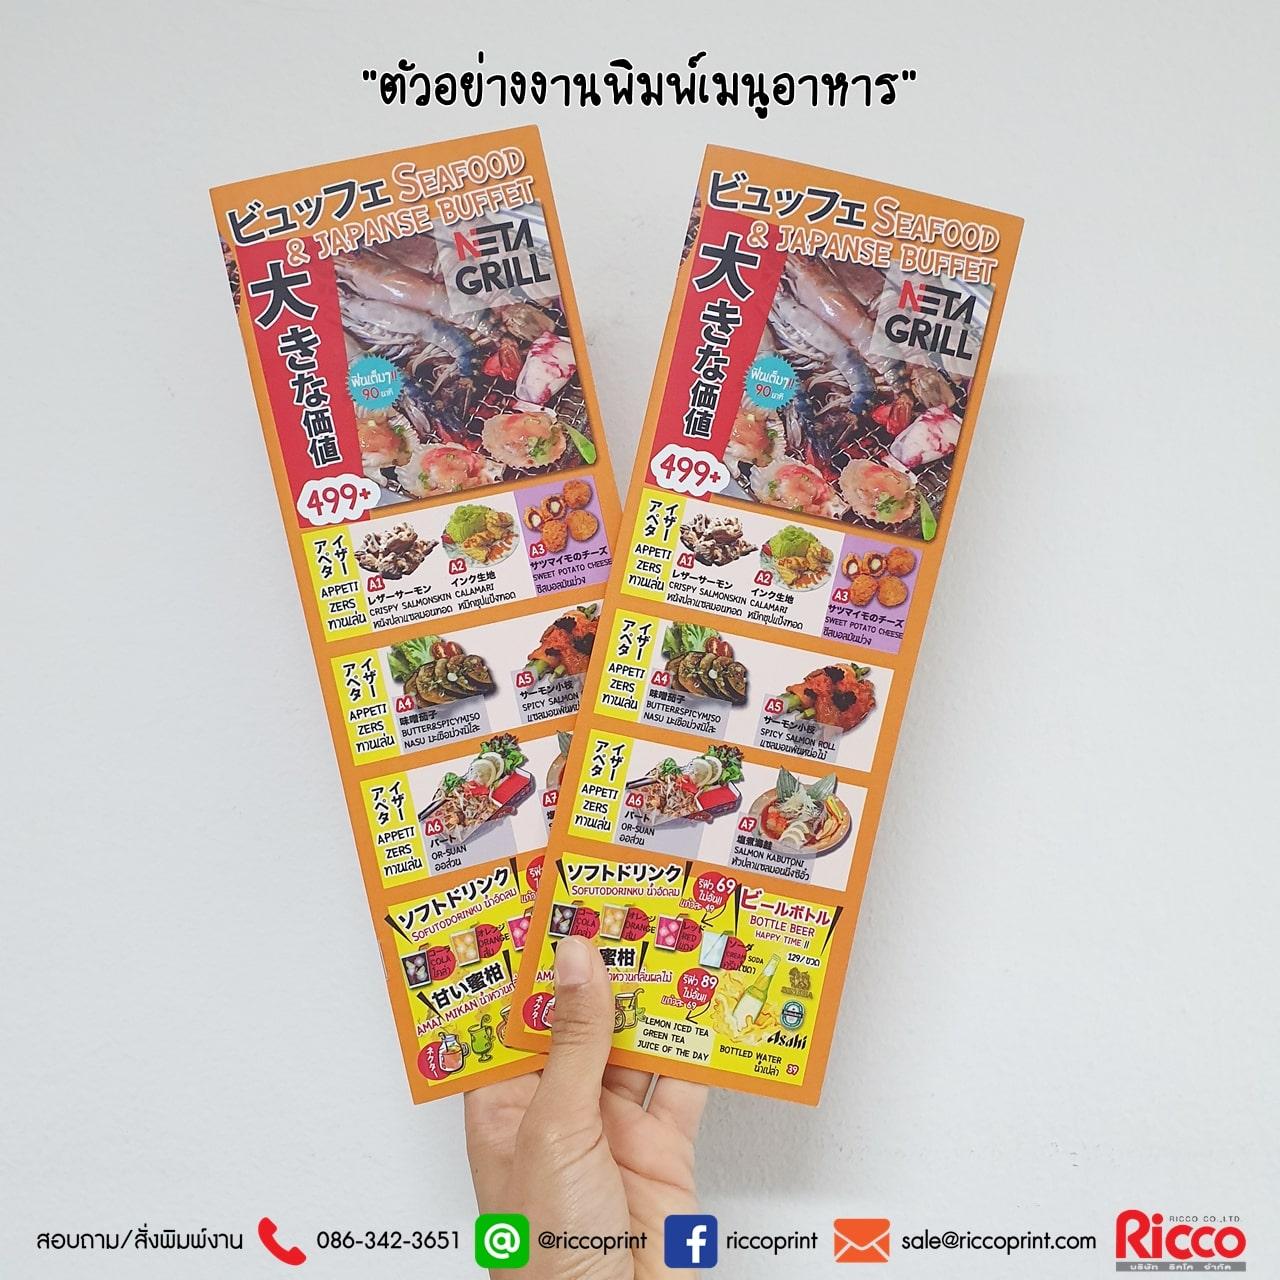 รูป Menu 2019 02 - ประกอบเนื้อหา เมนูอาหาร